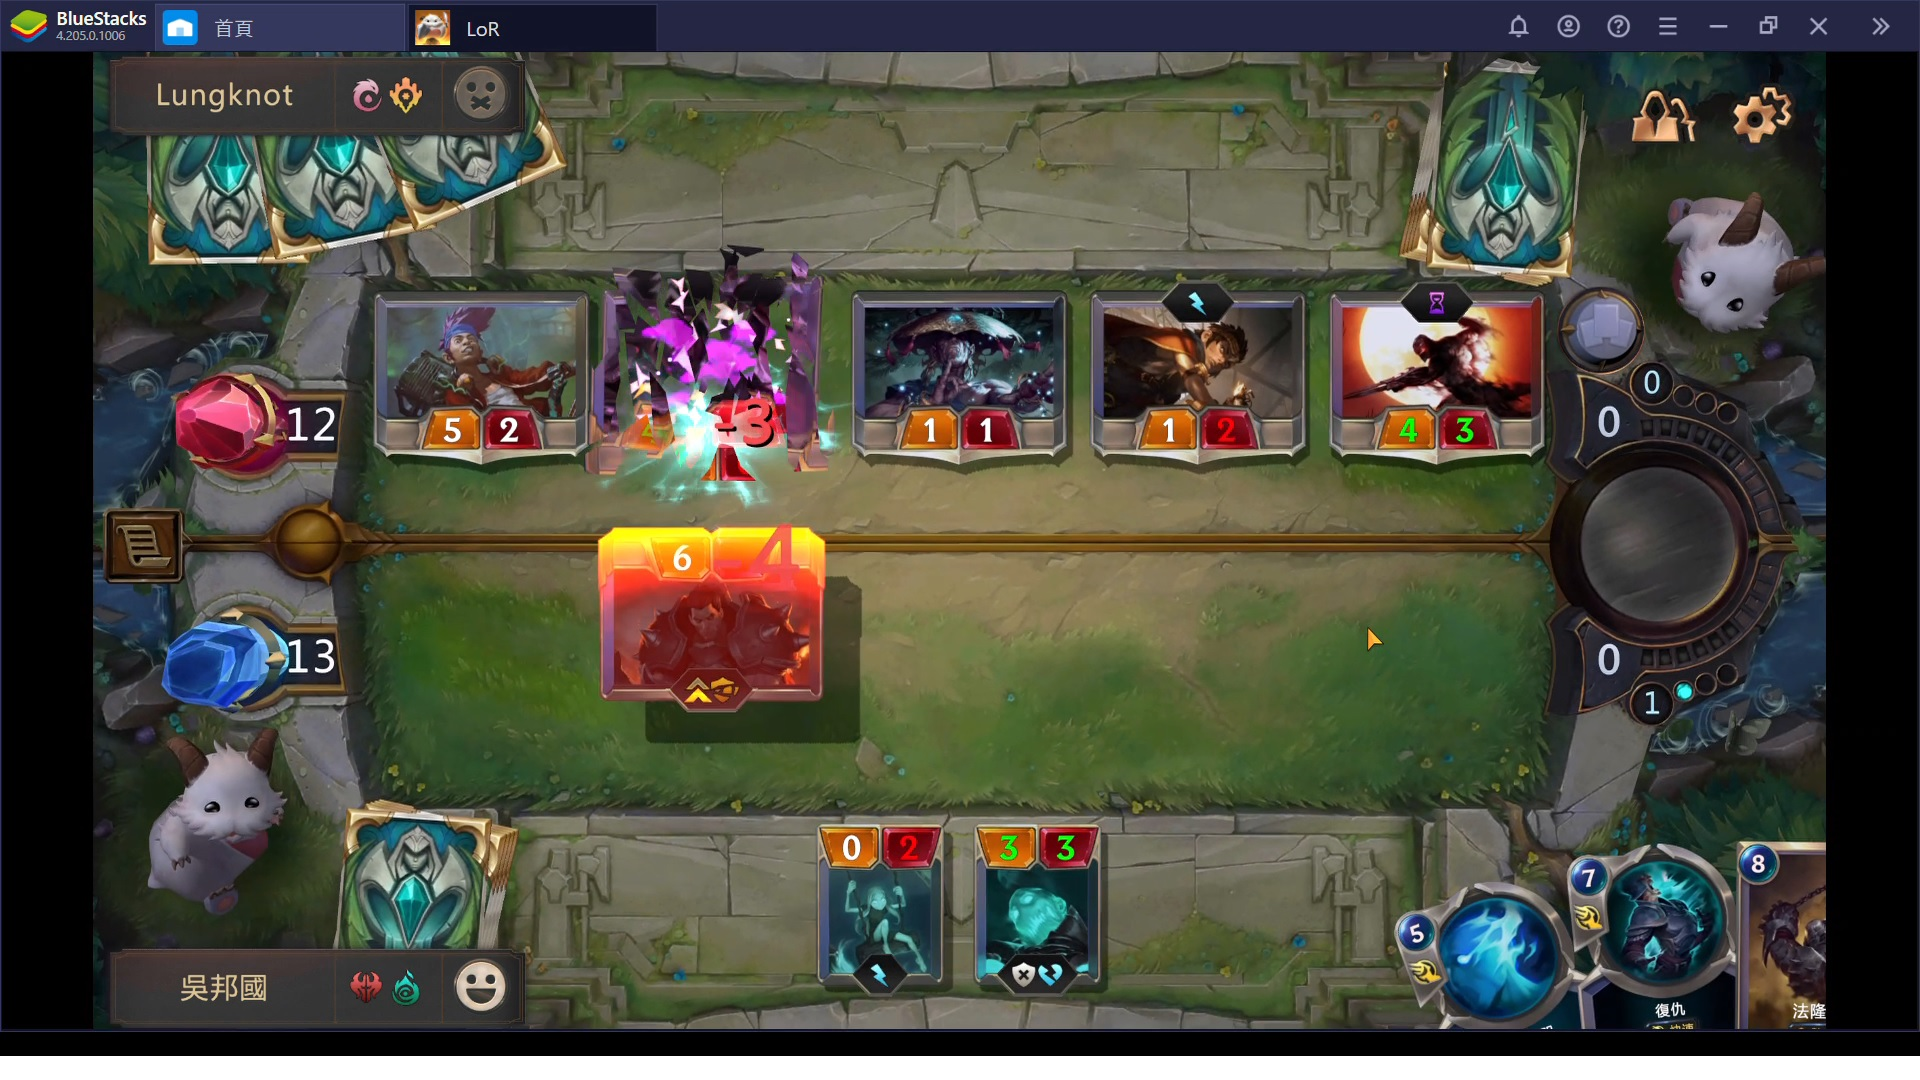 使用BlueStacks在PC上遊玩英雄聯盟首款策略卡牌手游《符文大地傳說》